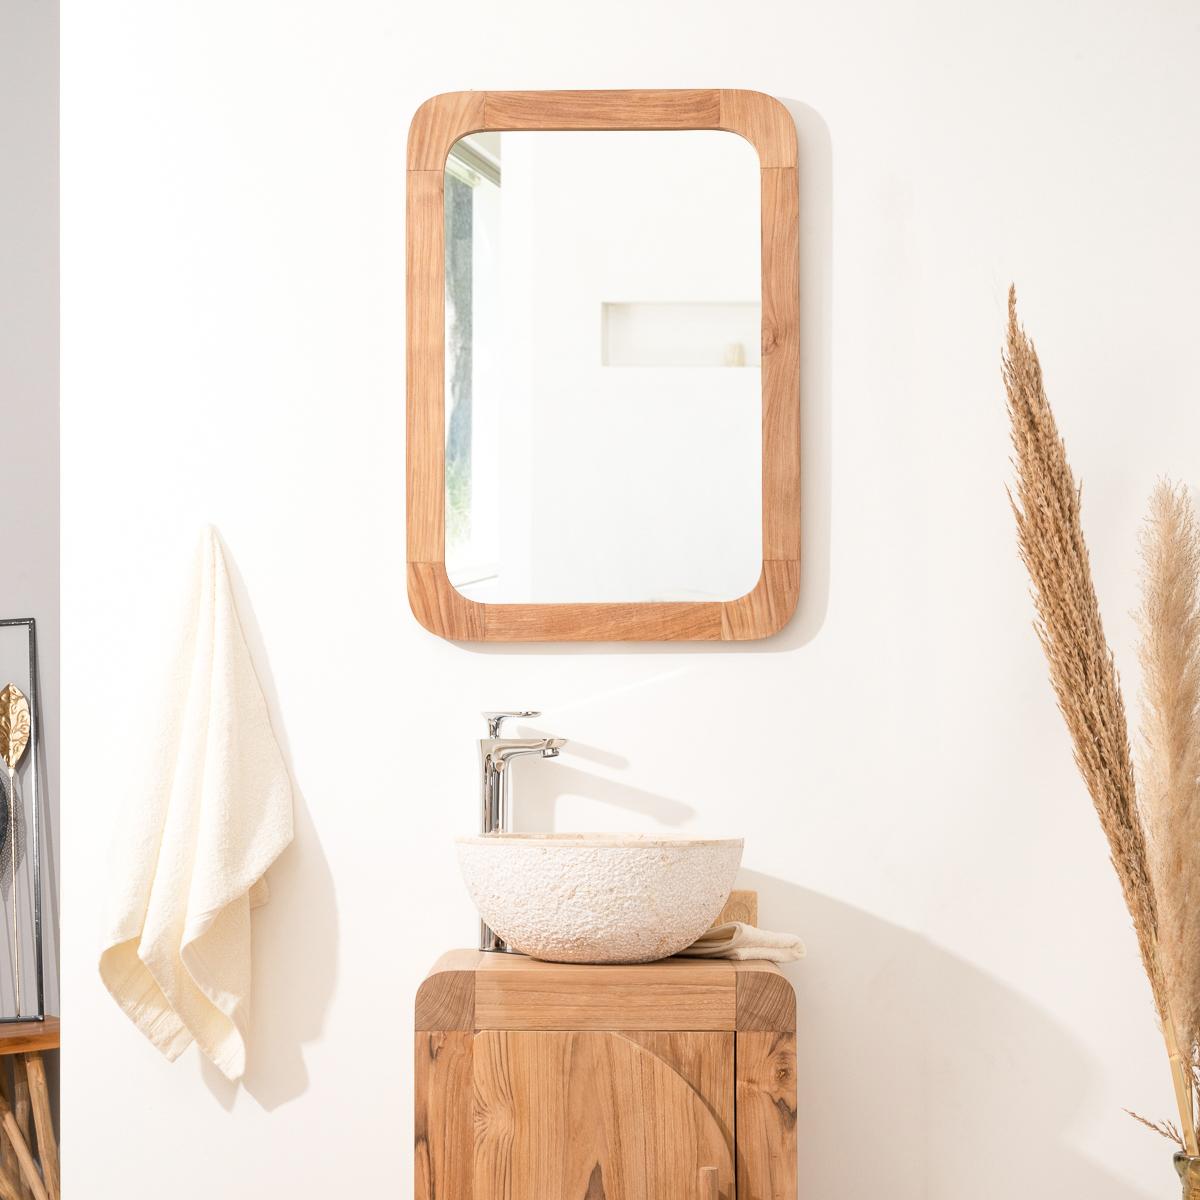 miroir de salle de bain tablette en bois massif teck bologne - Tablette Retro Salle De Bain